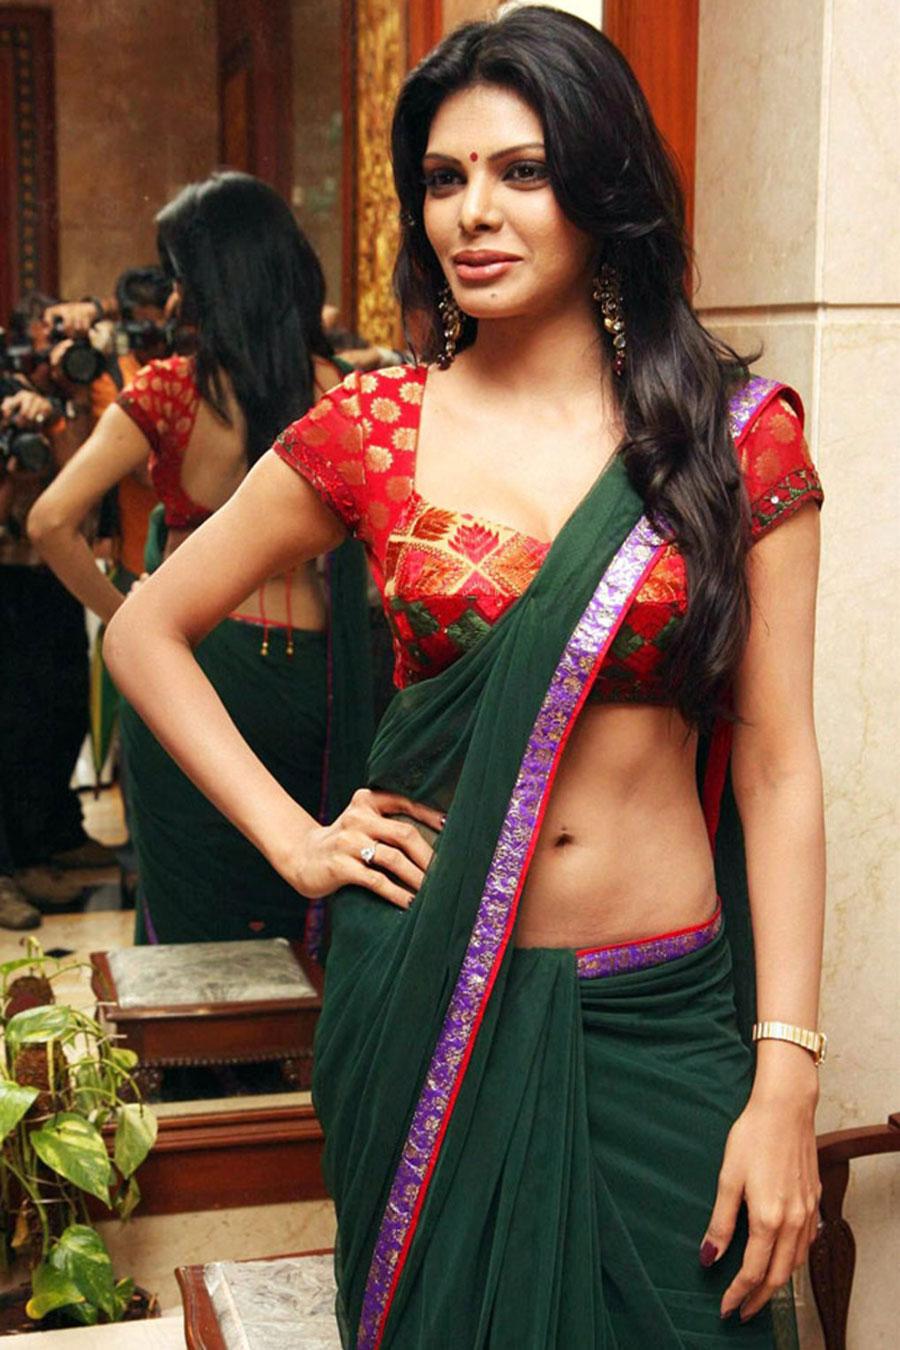 sherlyn chopra in saree latest photos